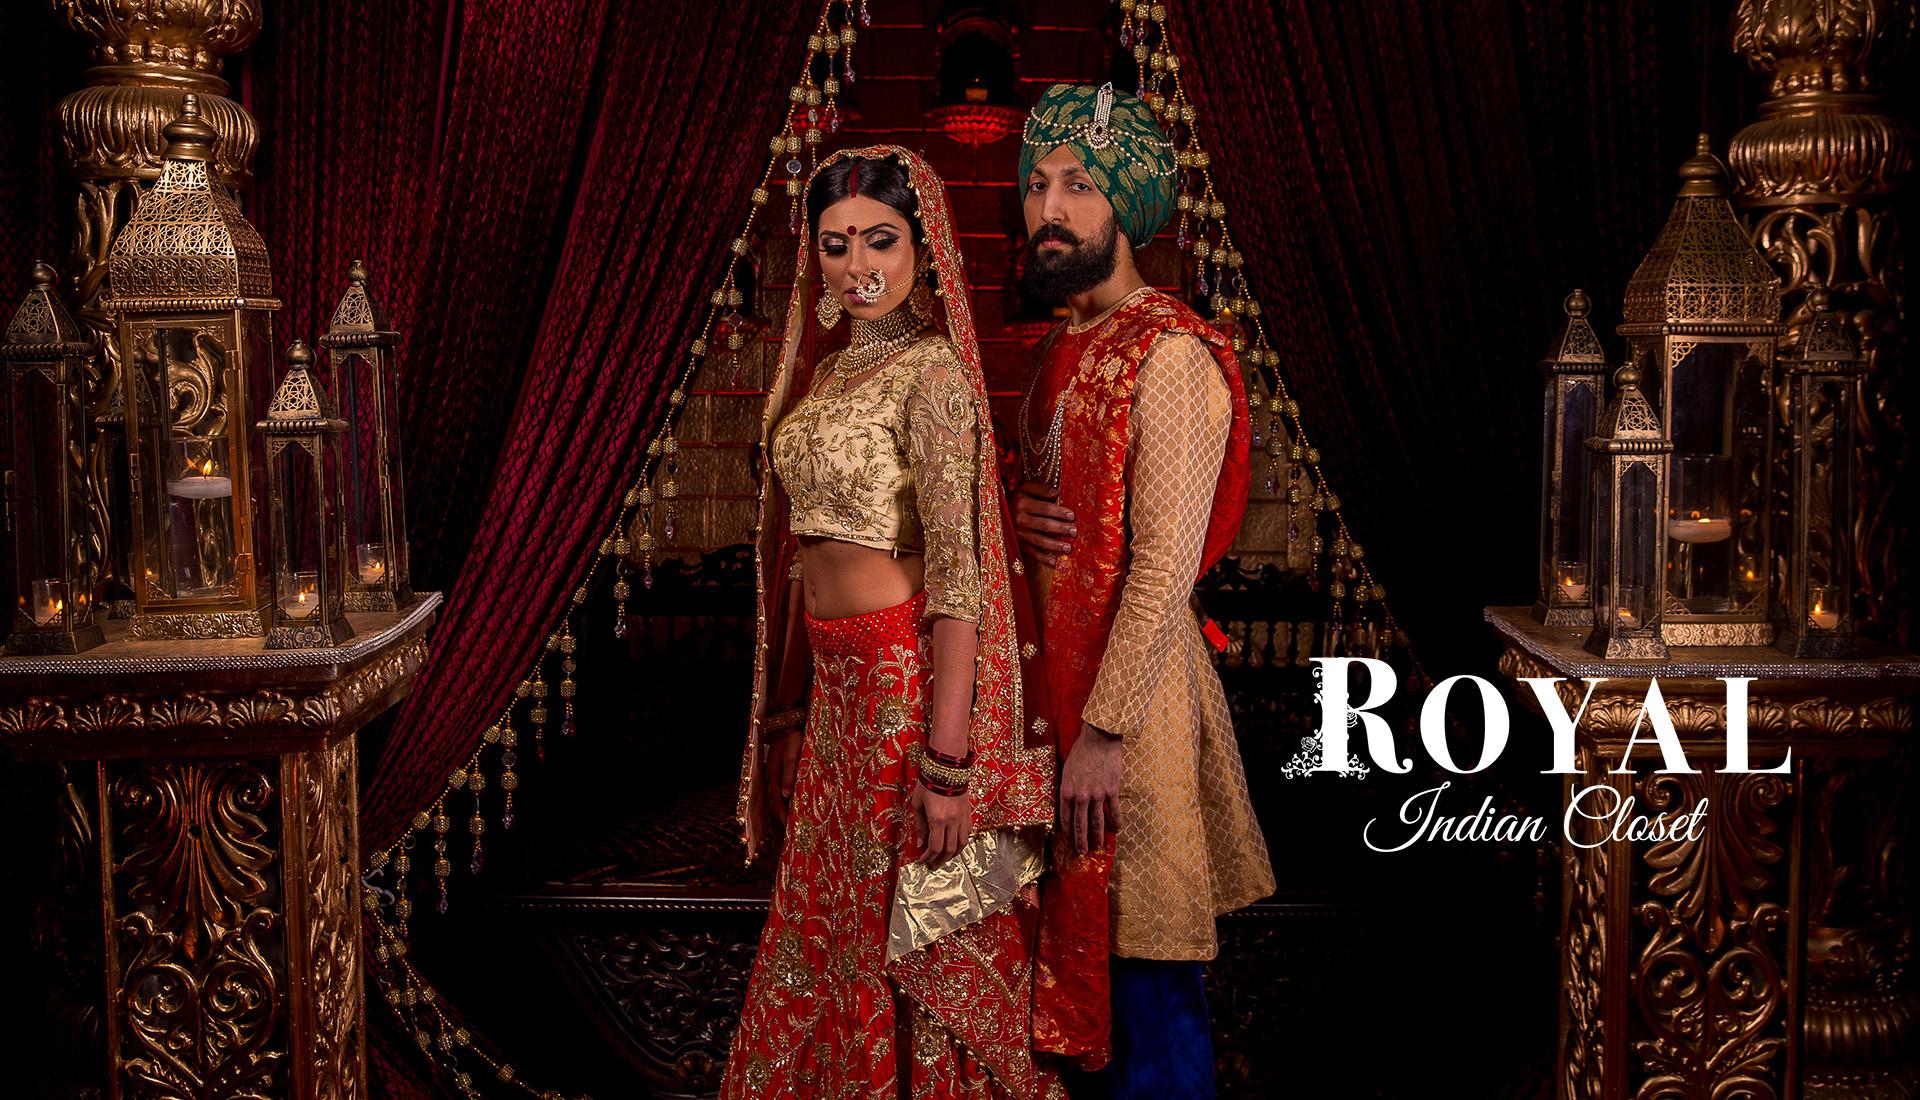 Royal Indian Closet